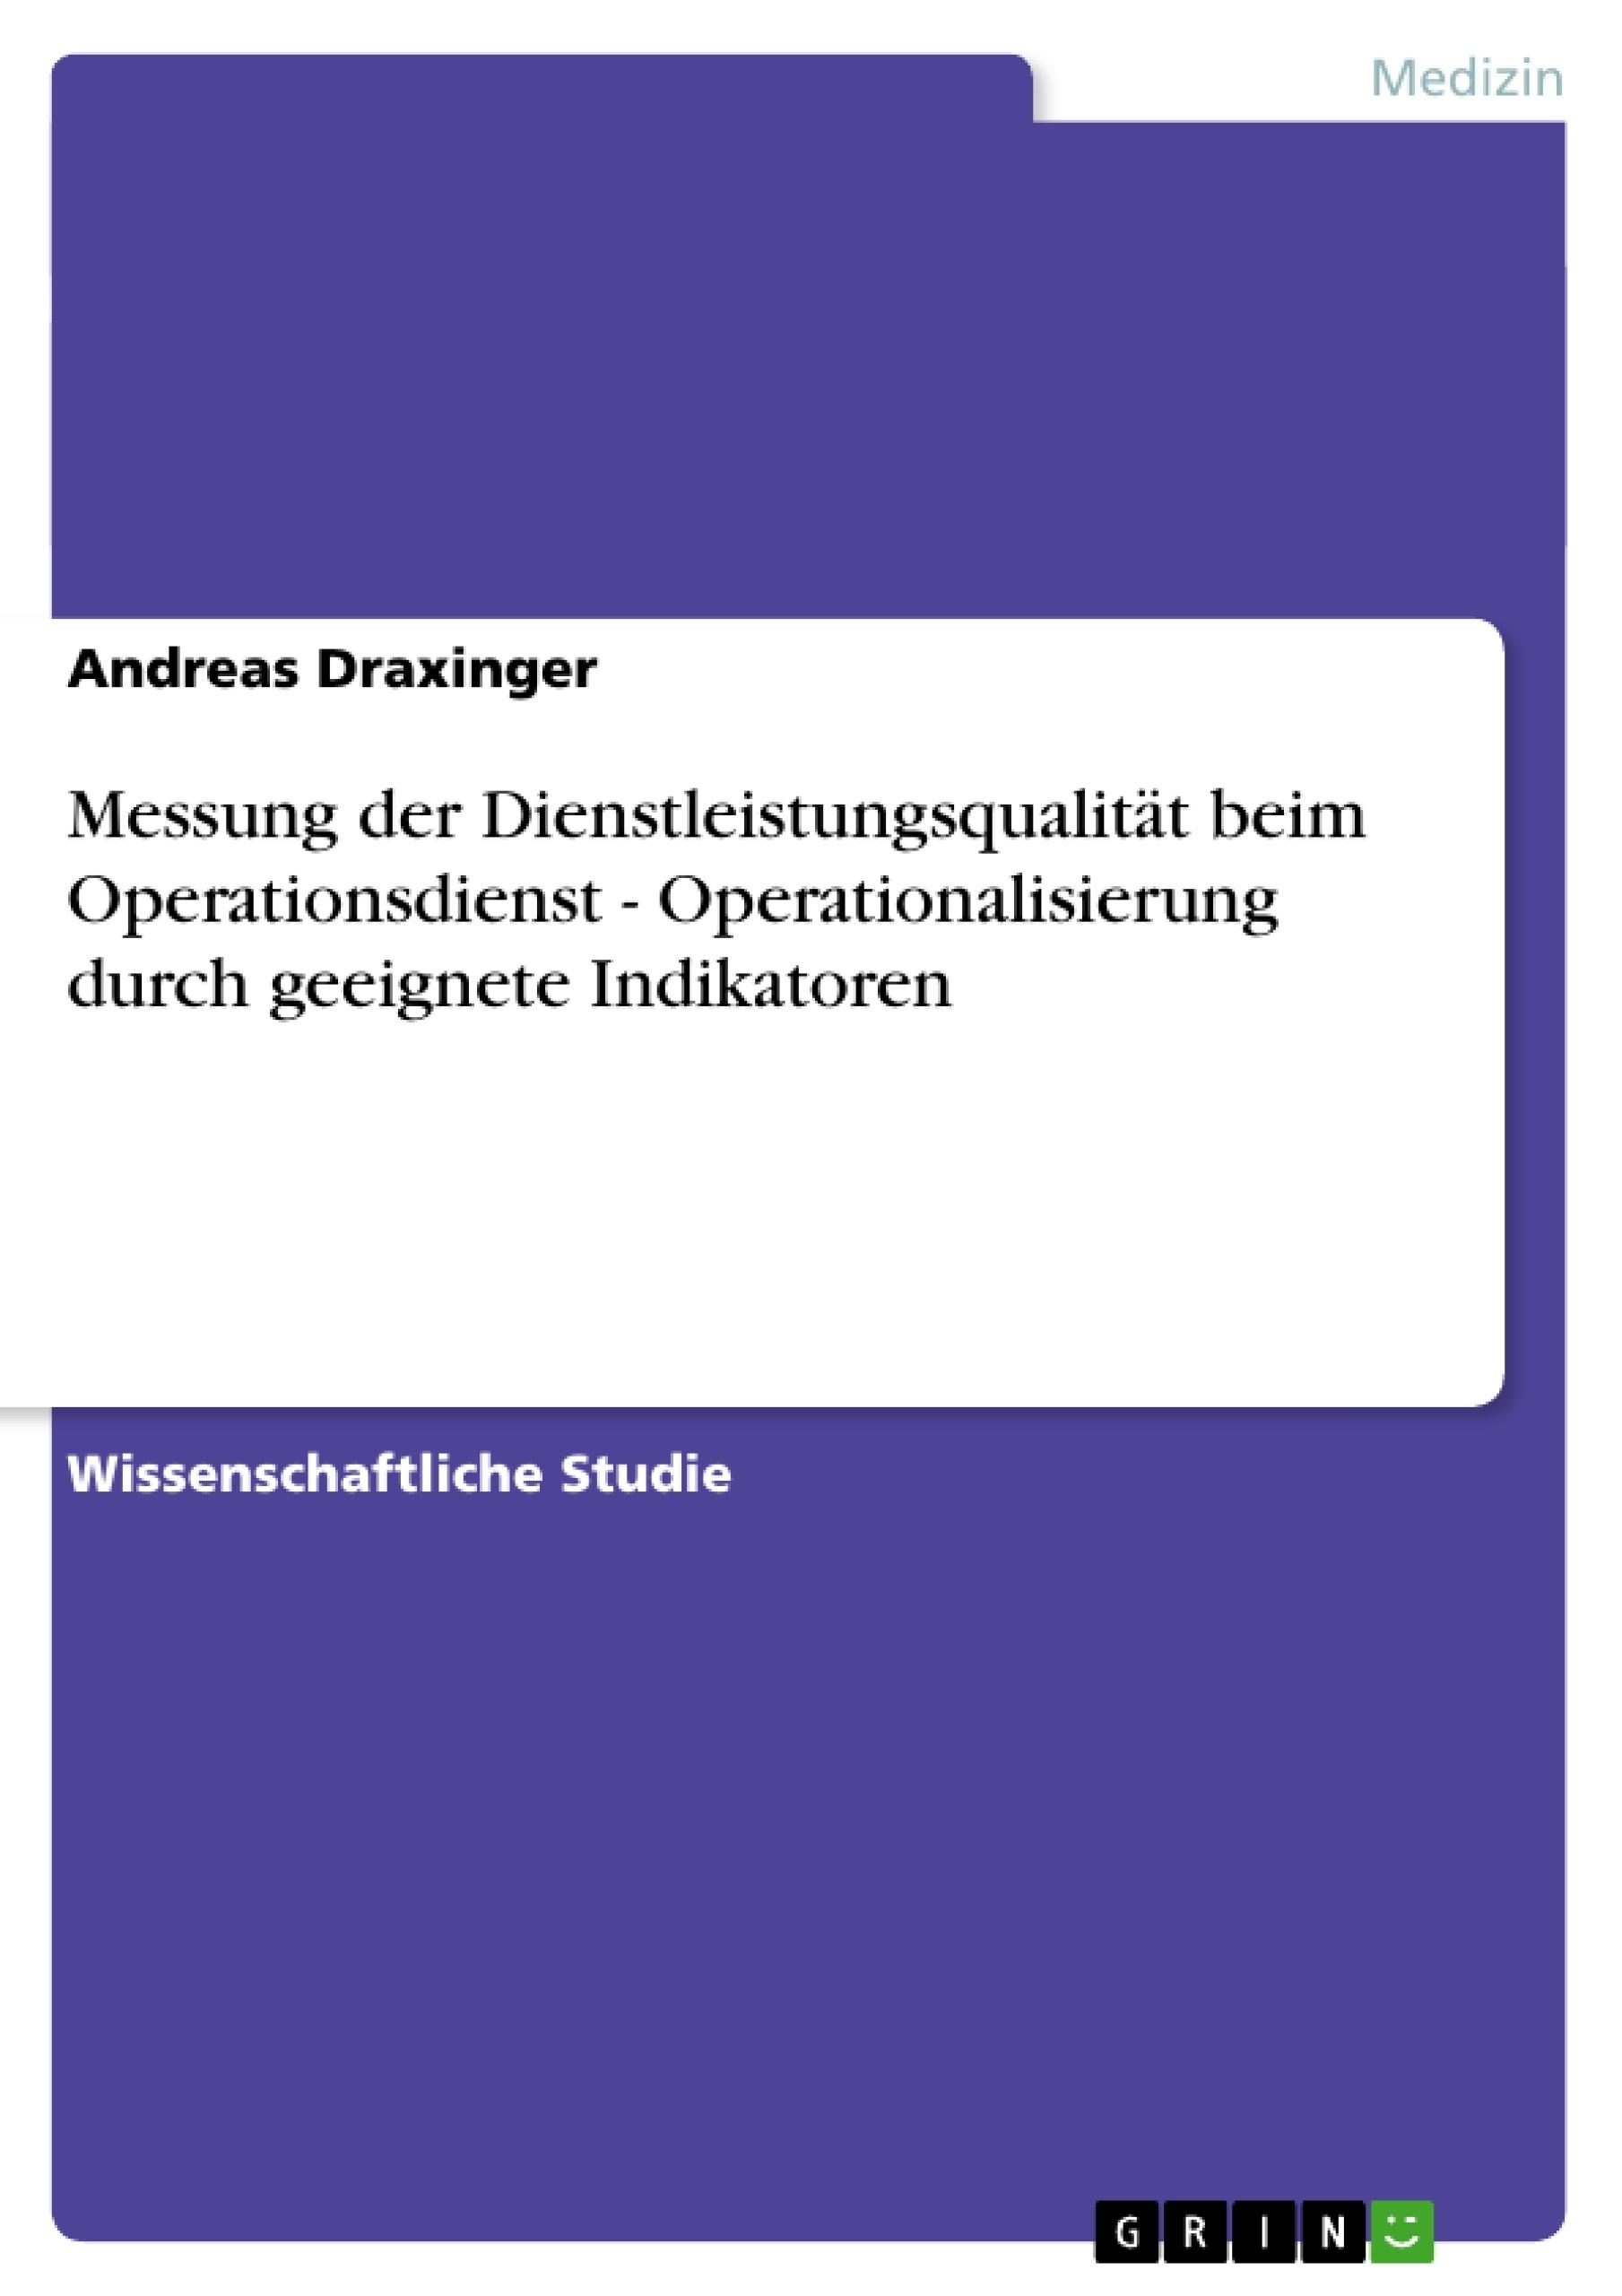 Titel: Messung der Dienstleistungsqualität beim Operationsdienst - Operationalisierung durch geeignete Indikatoren